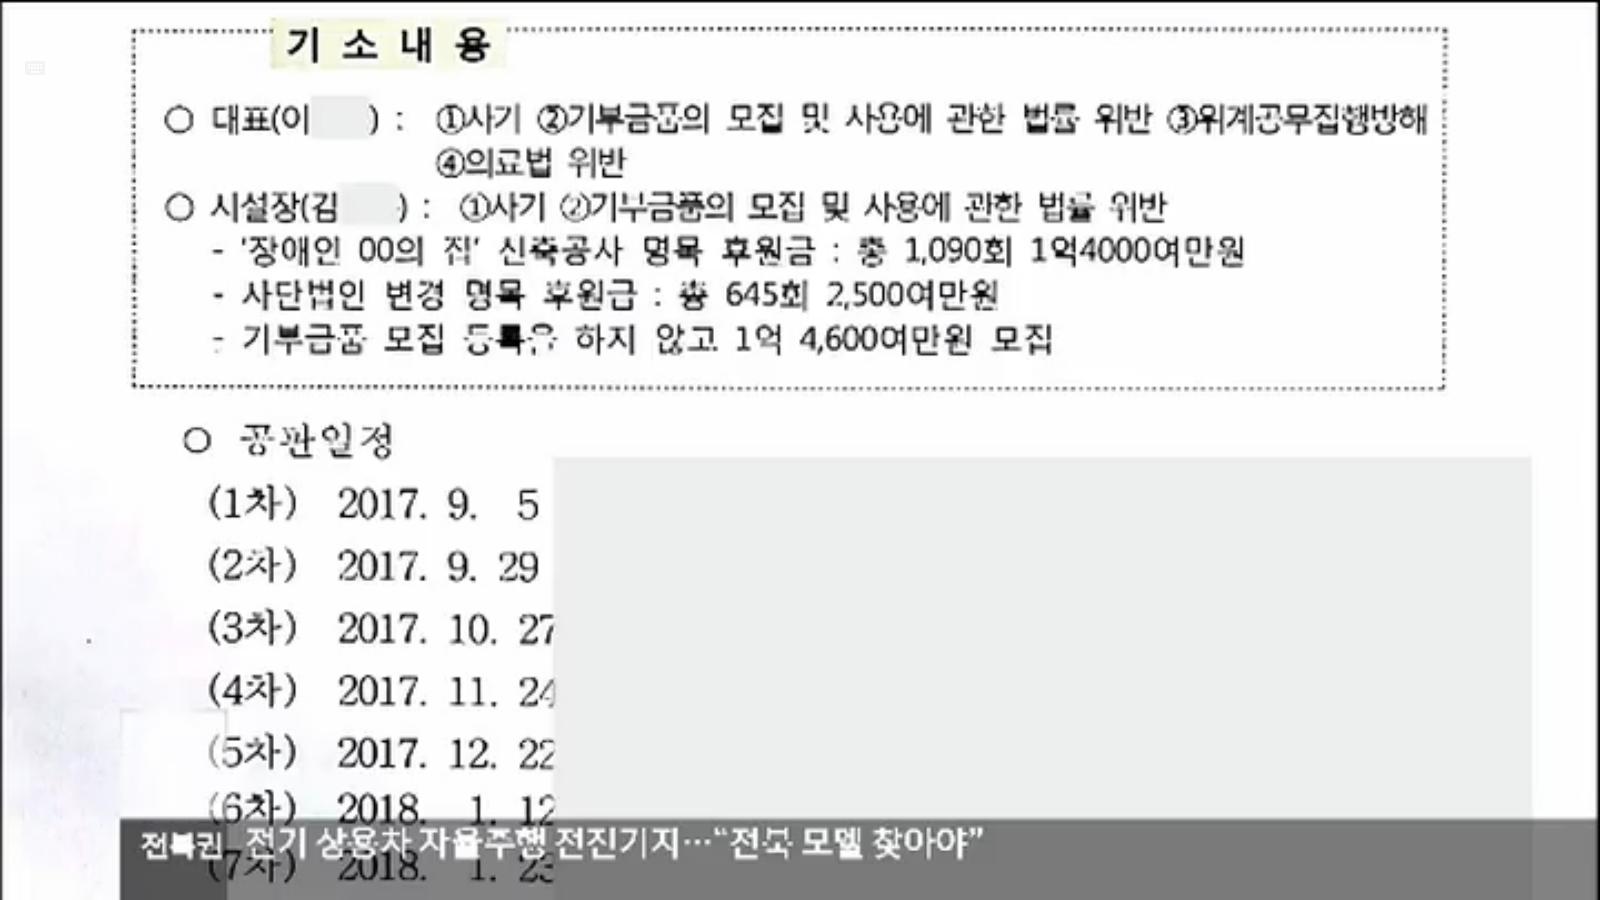 [18.3.30 KBS전주] 전주봉침게이트 재수사여론 빗발... 검찰, 자정 시급6.jpg